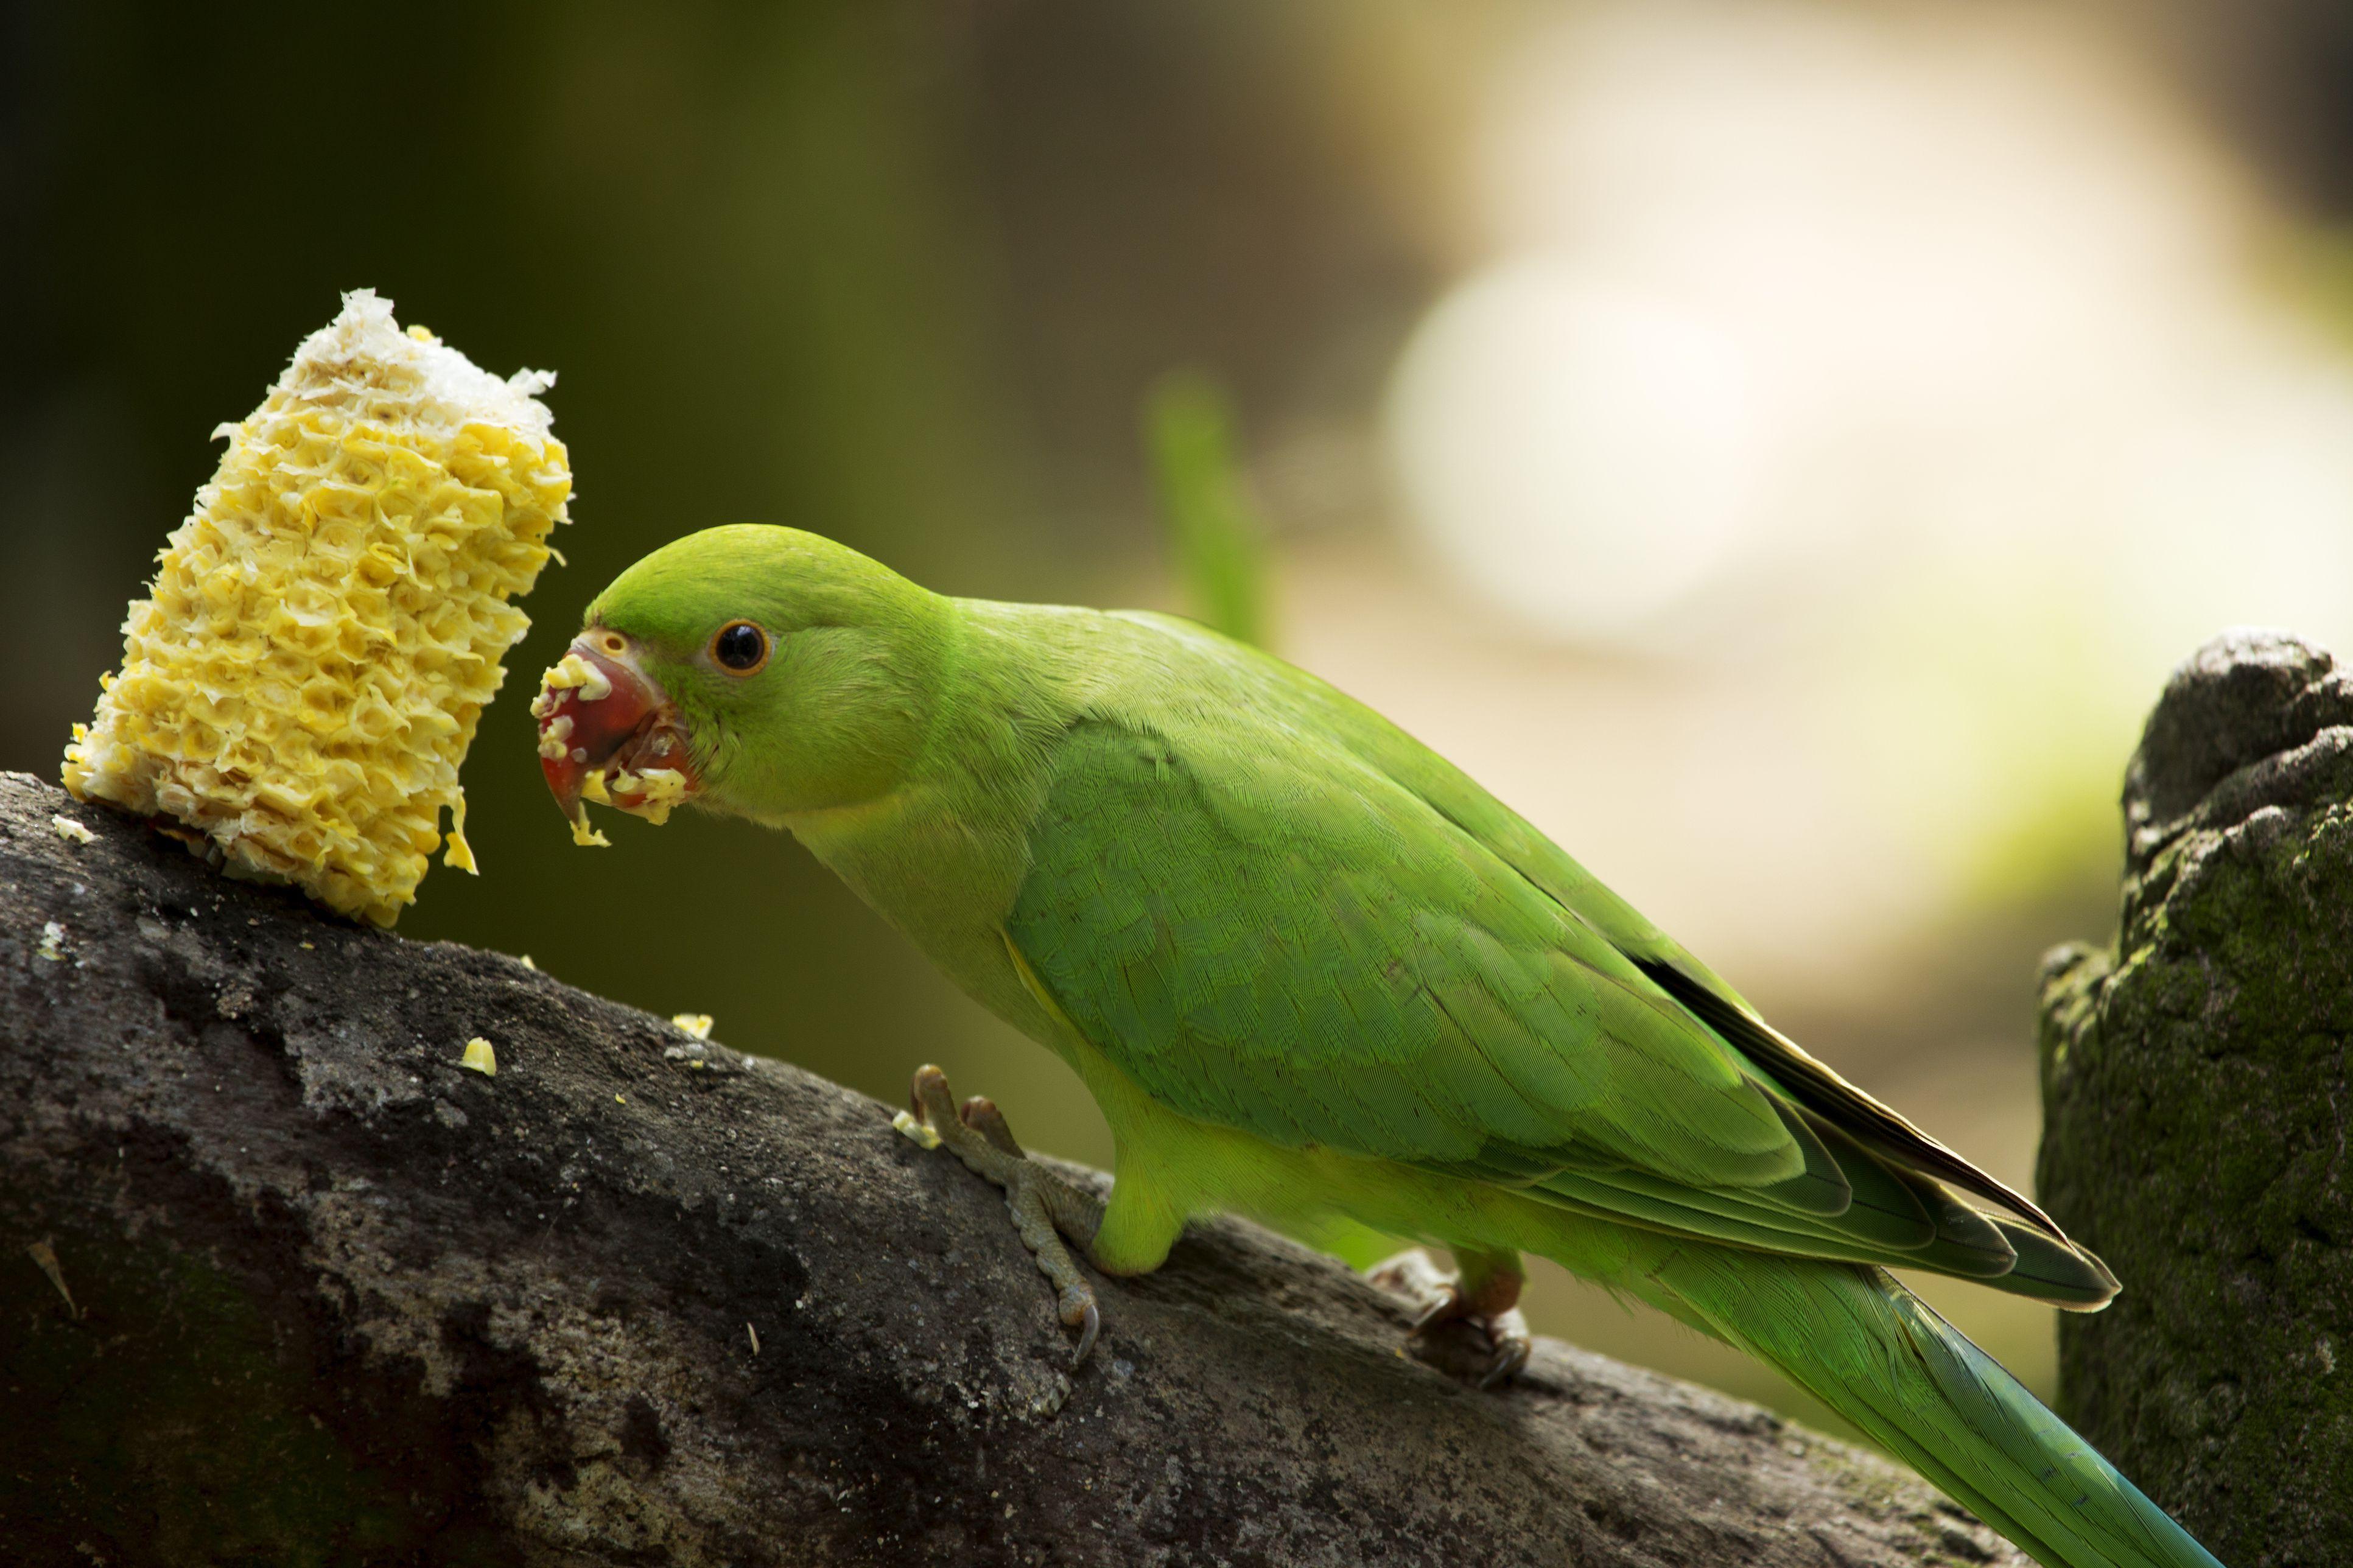 Green parrot bird eating corn